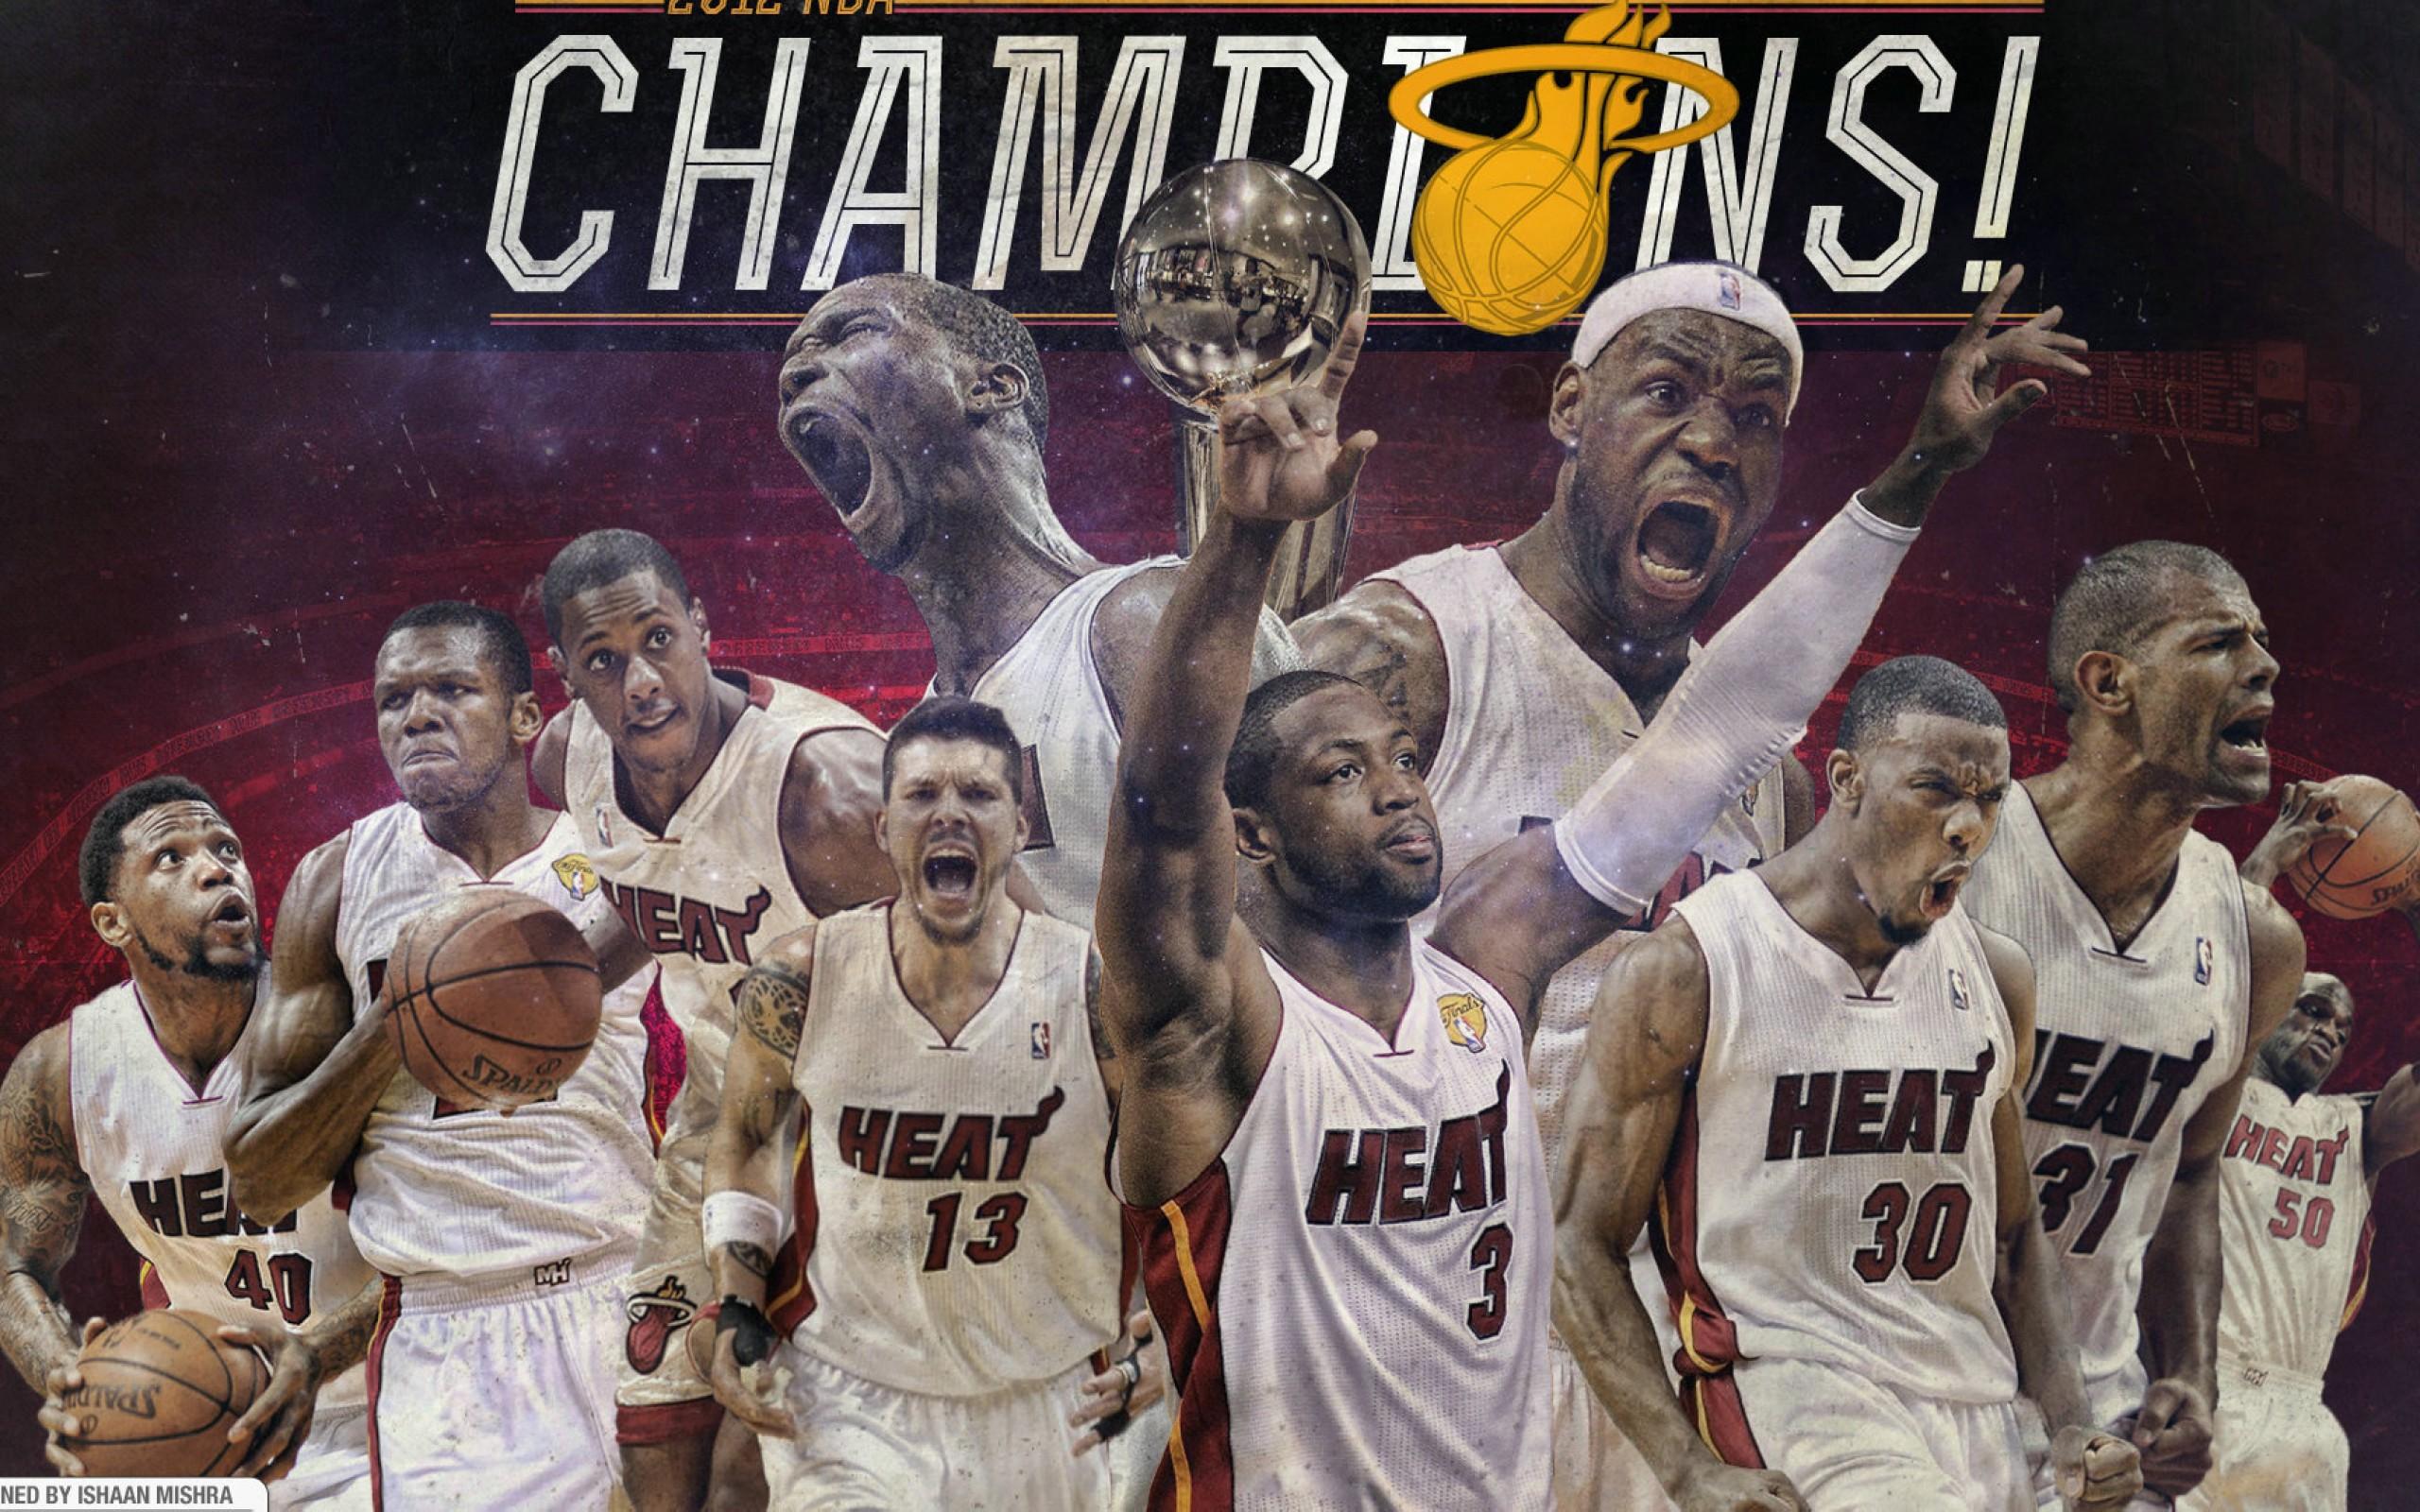 Miami Heat 2012 Champions Team    AM HD Wallpaper